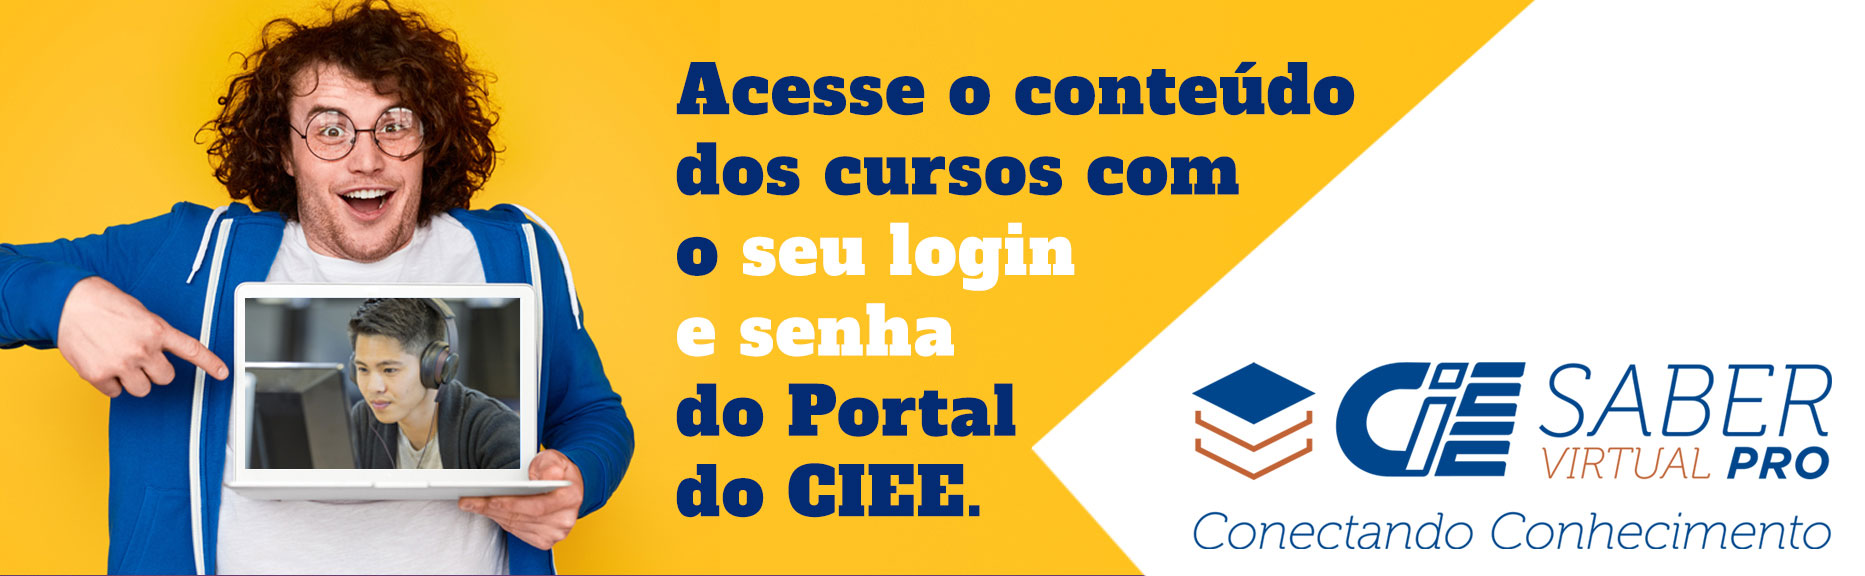 Saber Virtual PRO - Acesse o conteúdo dos cursos com seu login e senha do Portal CIEE